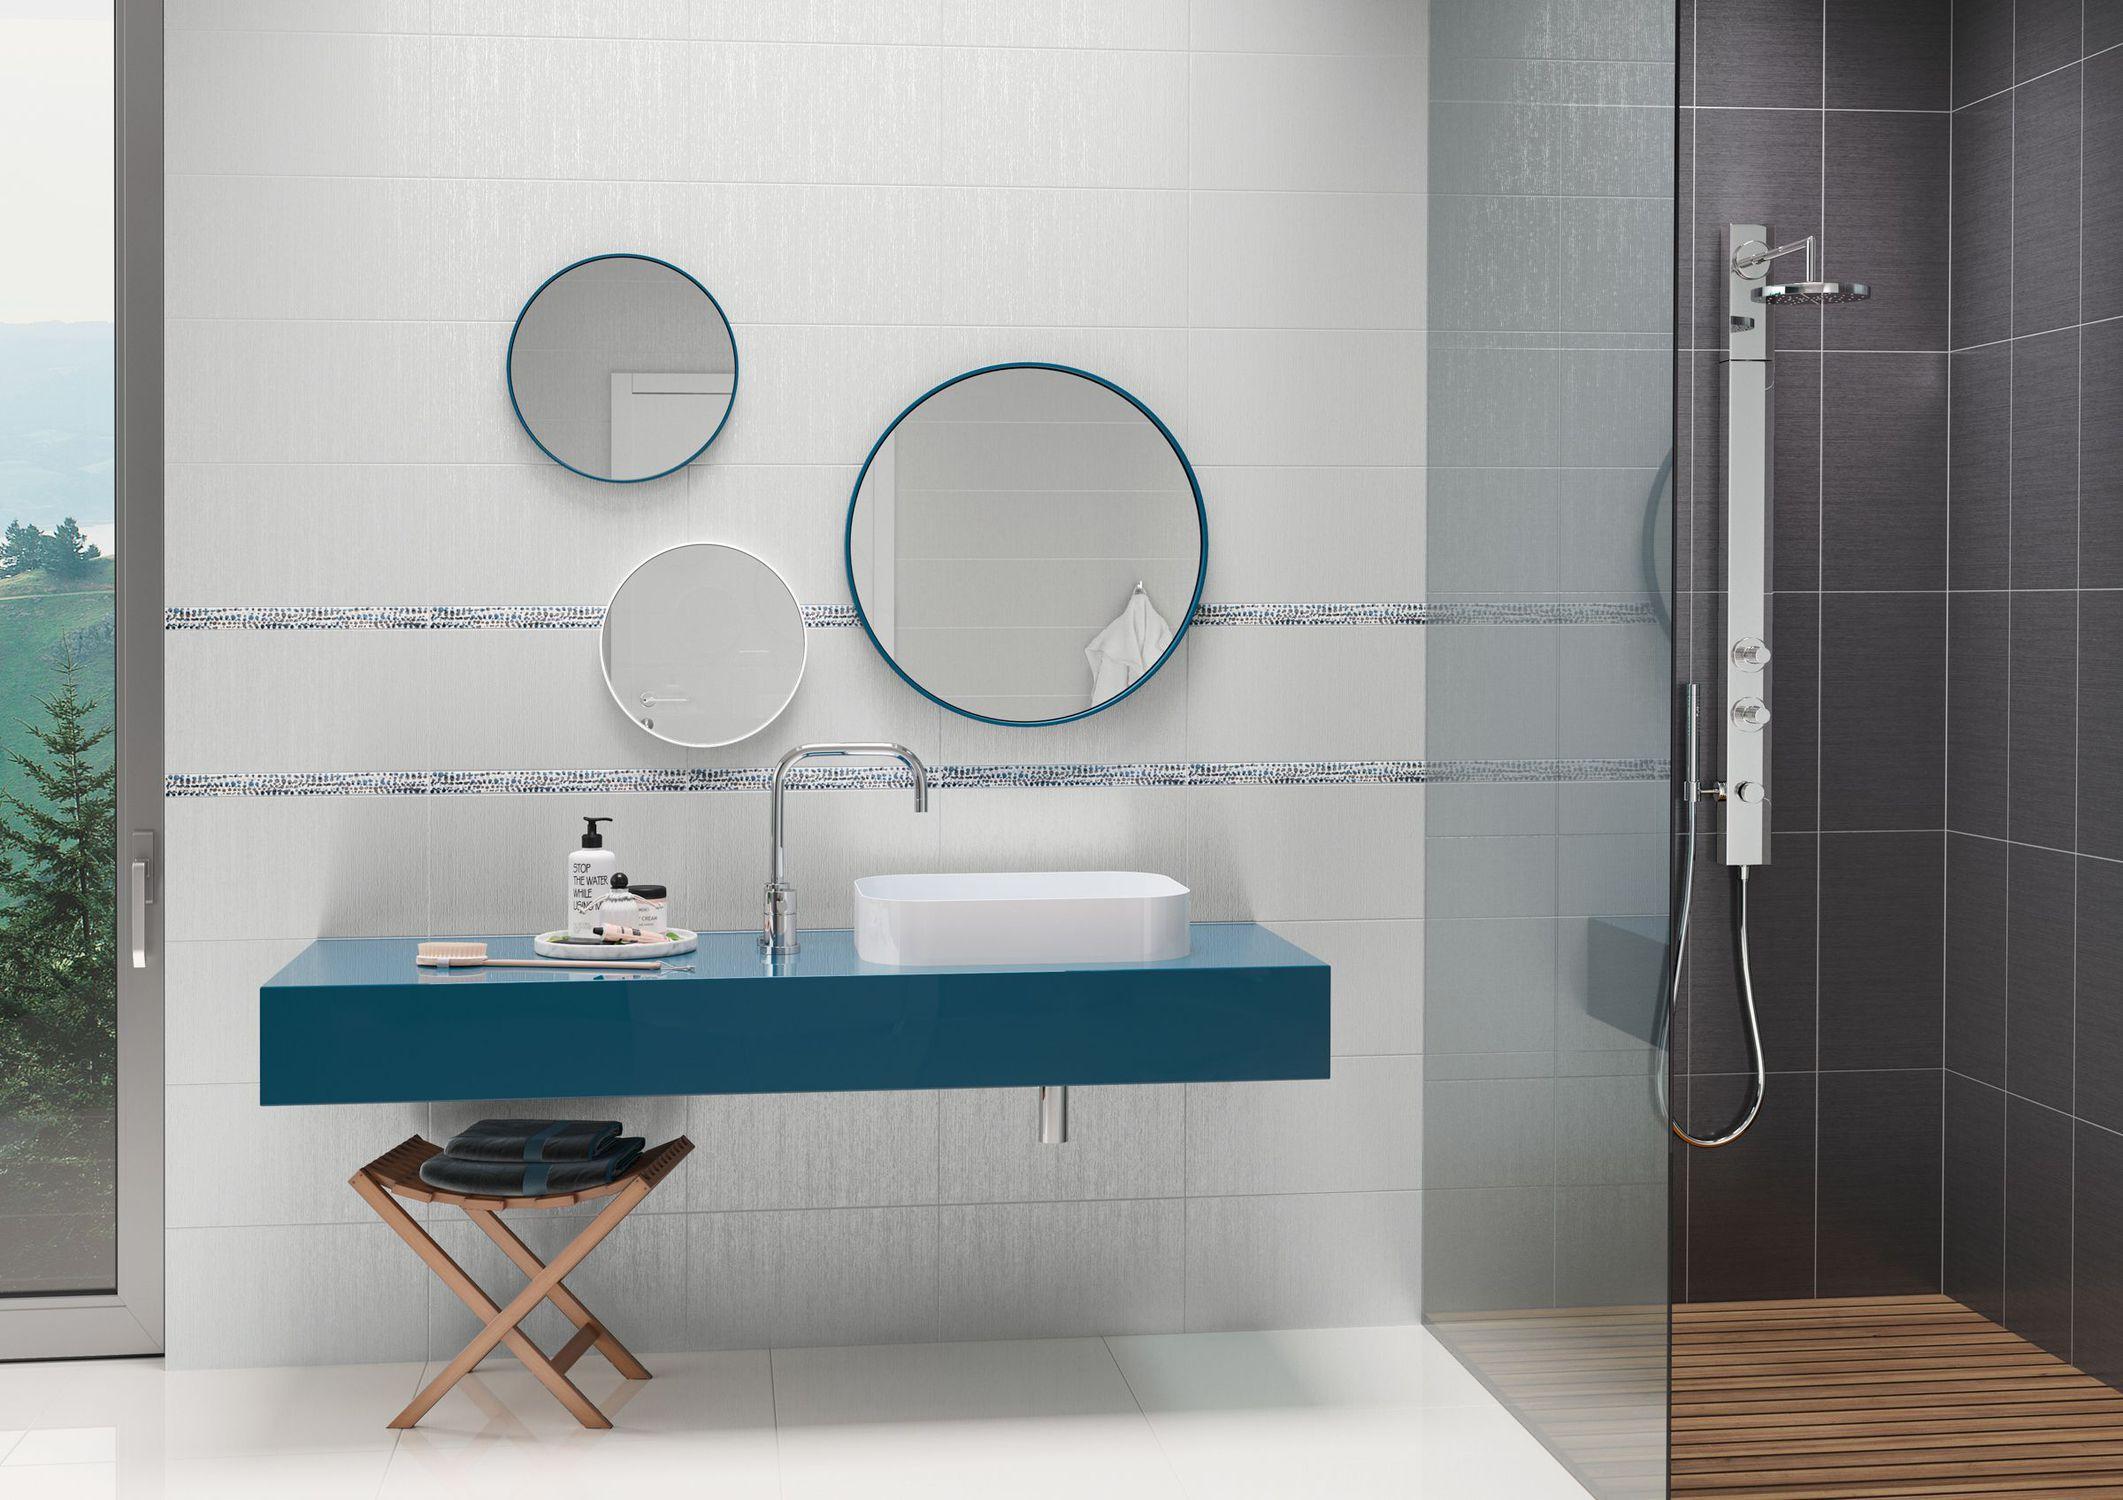 Fliesen für Badezimmer / Wand / Feinsteinzeug / Motiv - PARIS ...